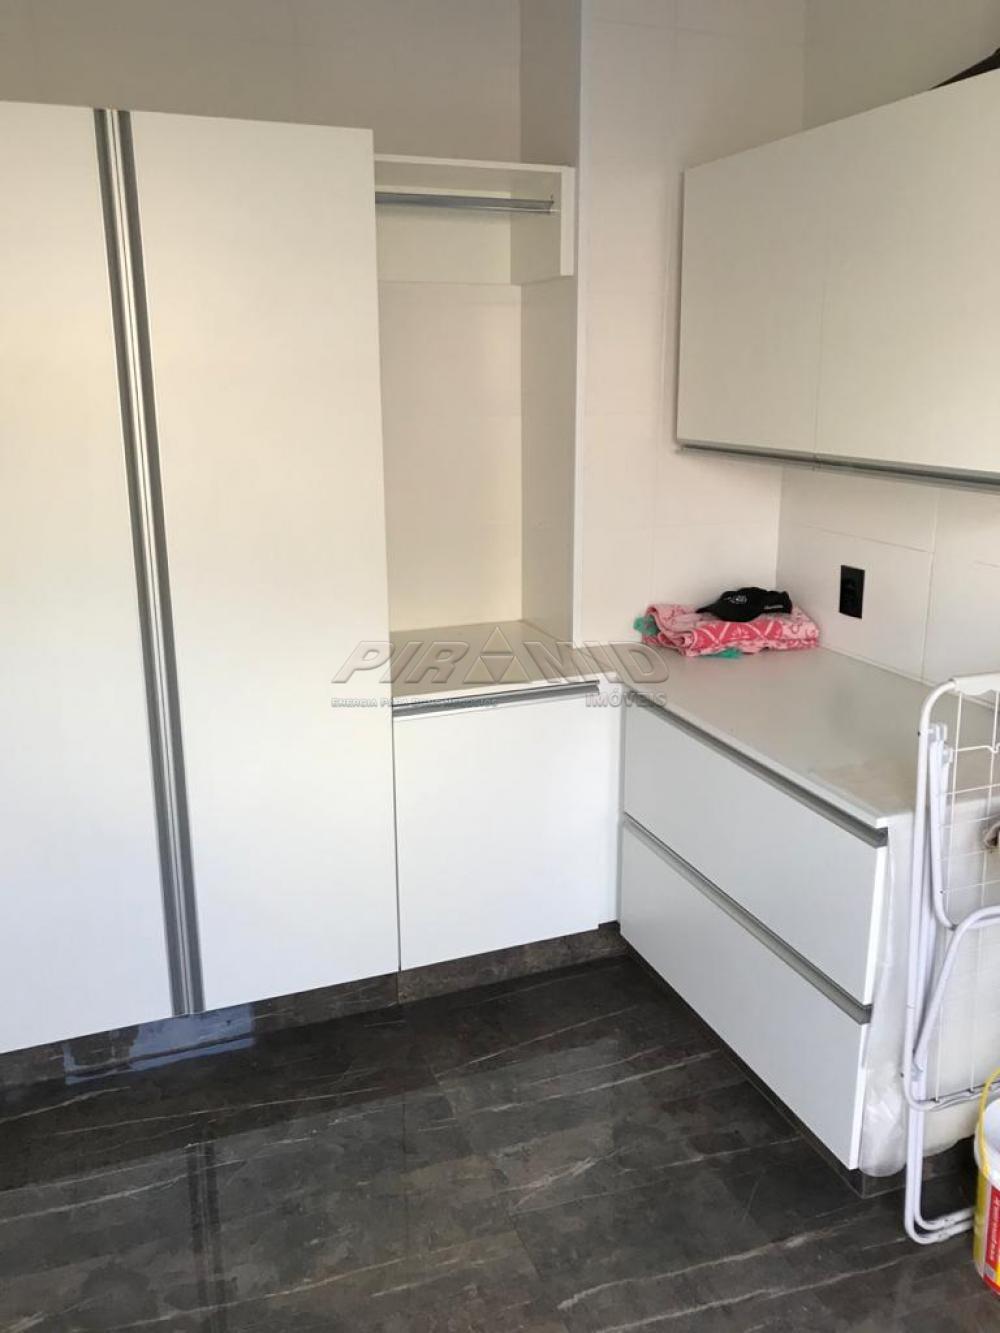 Comprar Casa / Condomínio em Ribeirão Preto apenas R$ 2.500.000,00 - Foto 42